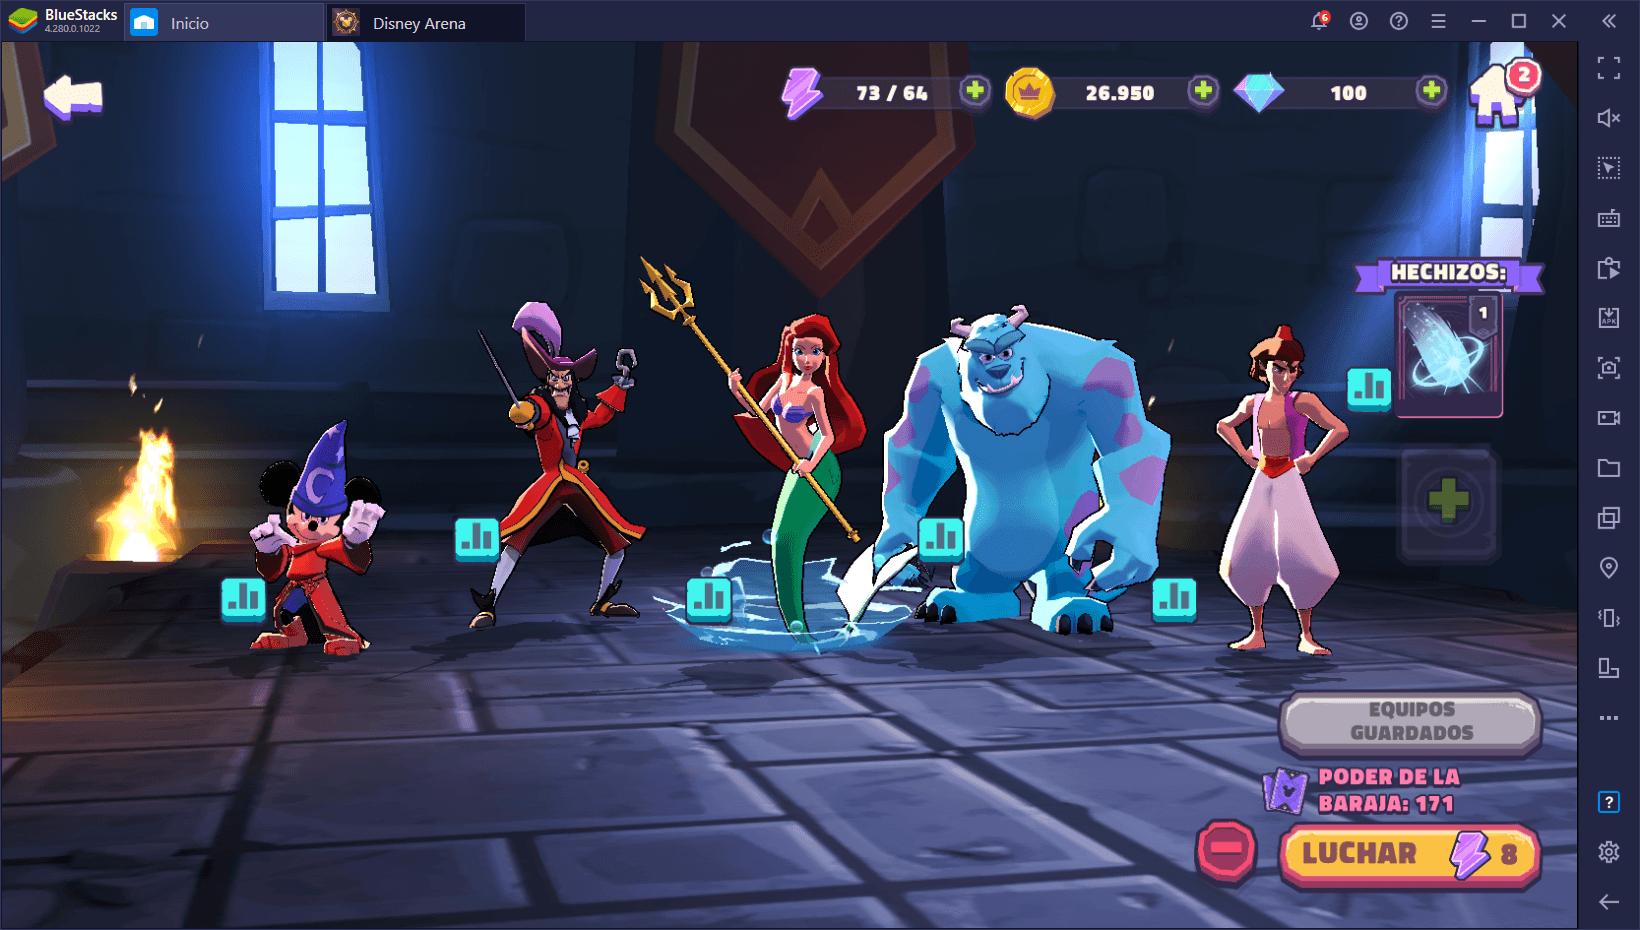 Cómo Jugar Disney Sorcerer's Arena en PC con BlueStacks